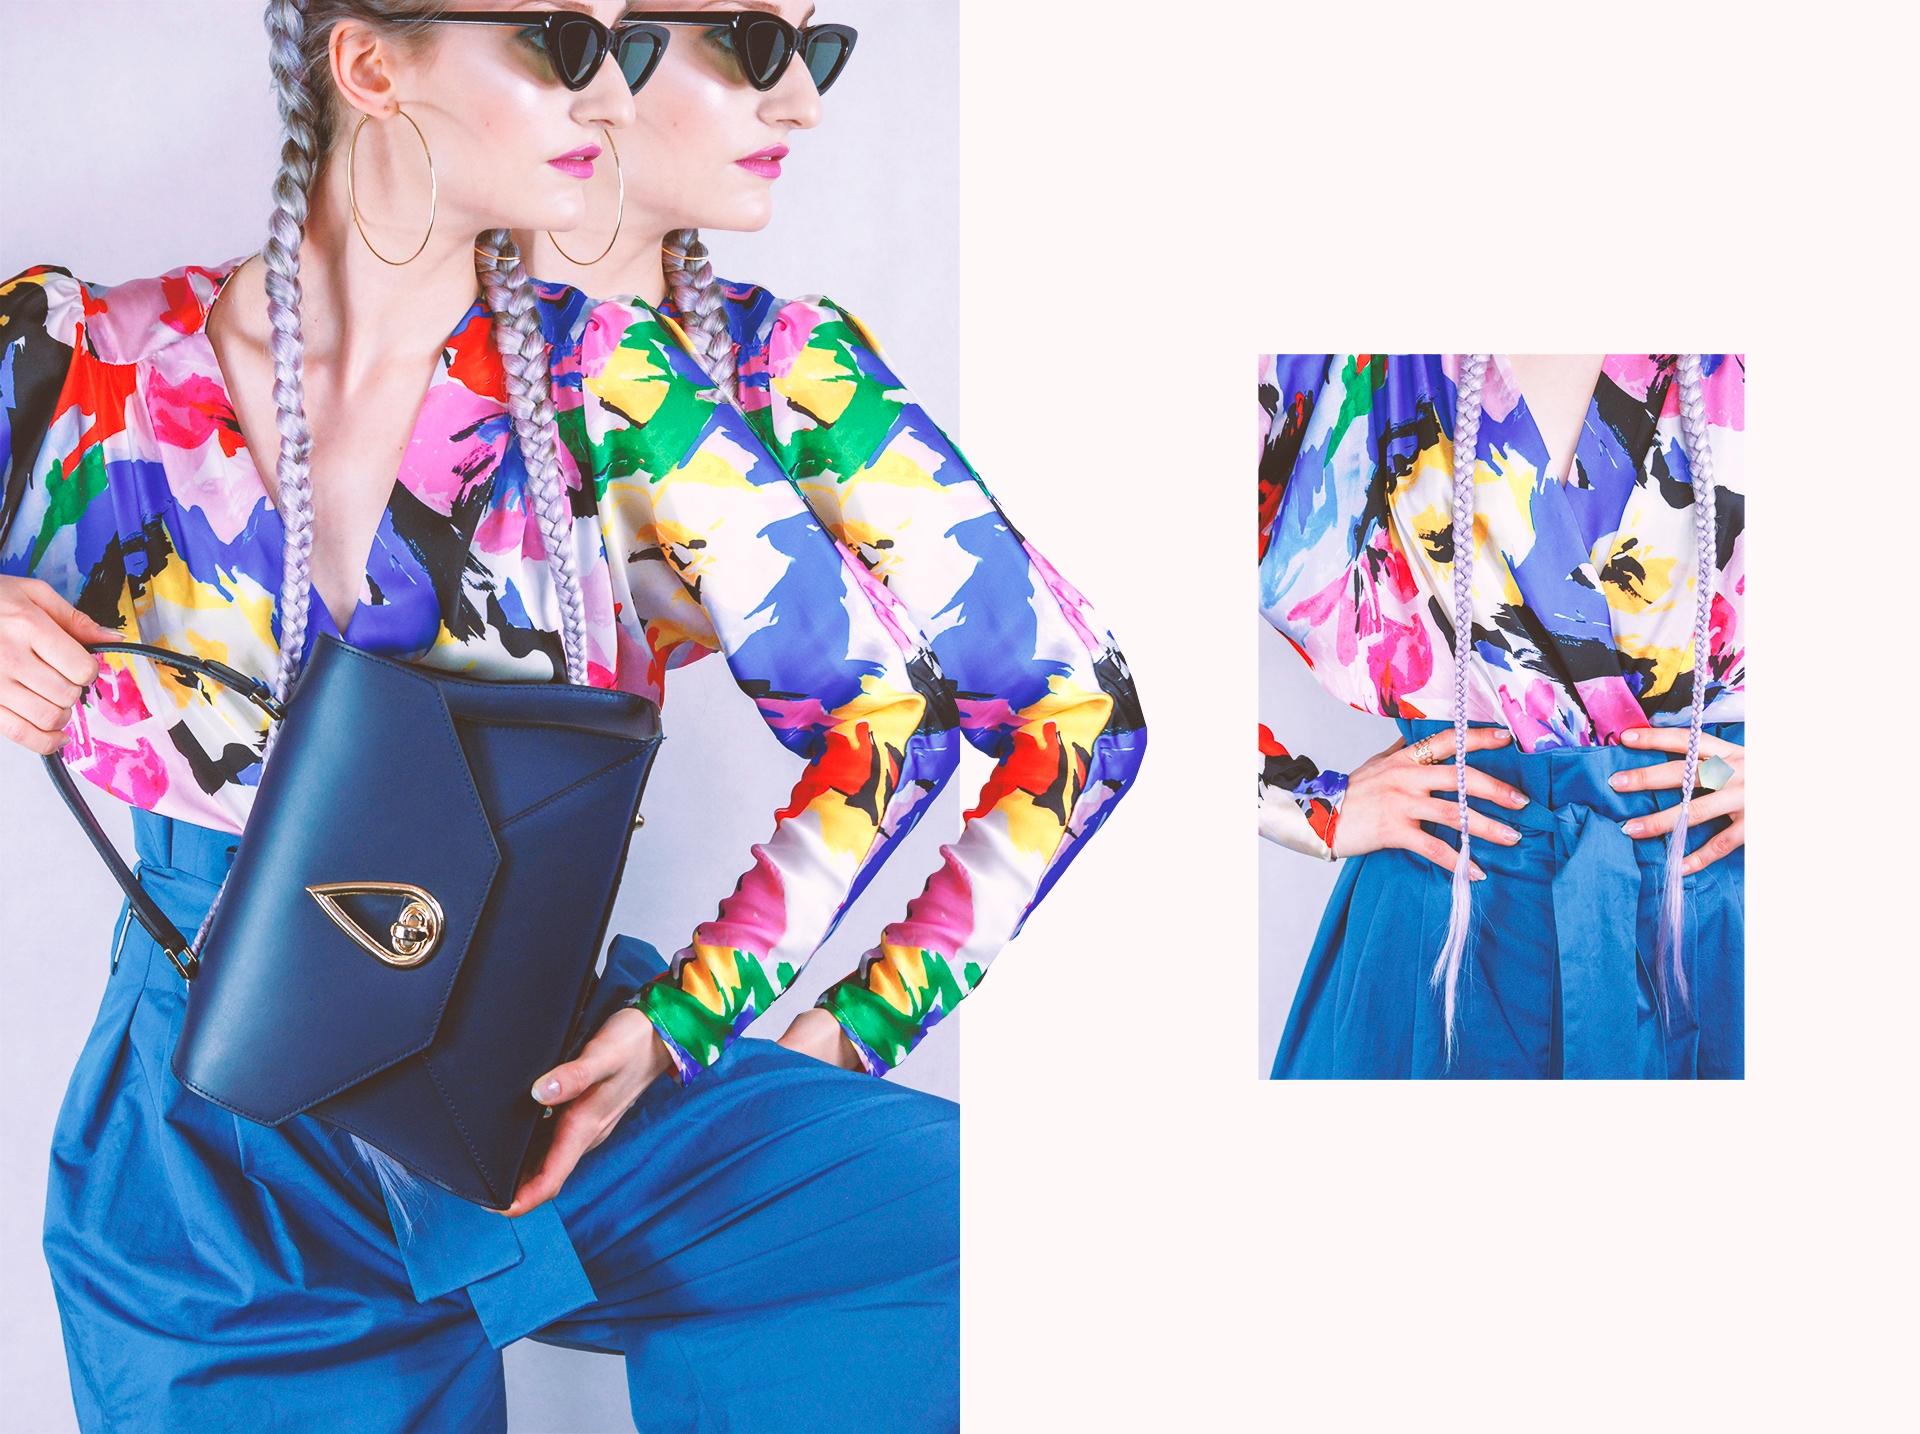 Obraz przedstawia dwa zdjęcia kobiety w niebieskich spodniach, kolorowej bluzce, trzymającej granatową torebkę. Zdjęcie po prawej stronie to zmniejszony kadr.